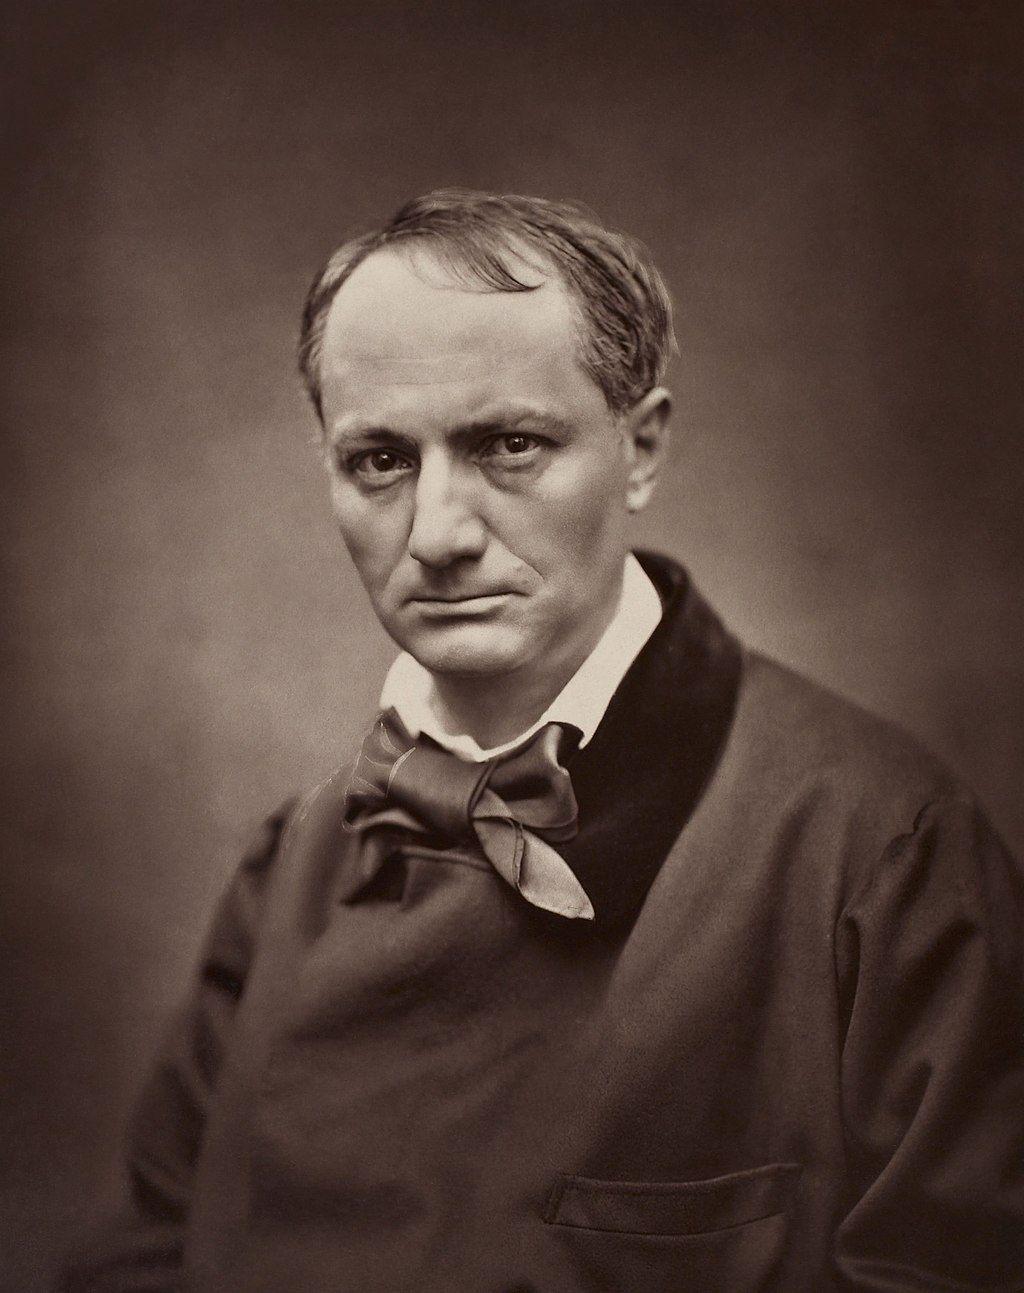 Charles Baudelaire par Étienne Carjat, vers 1862.